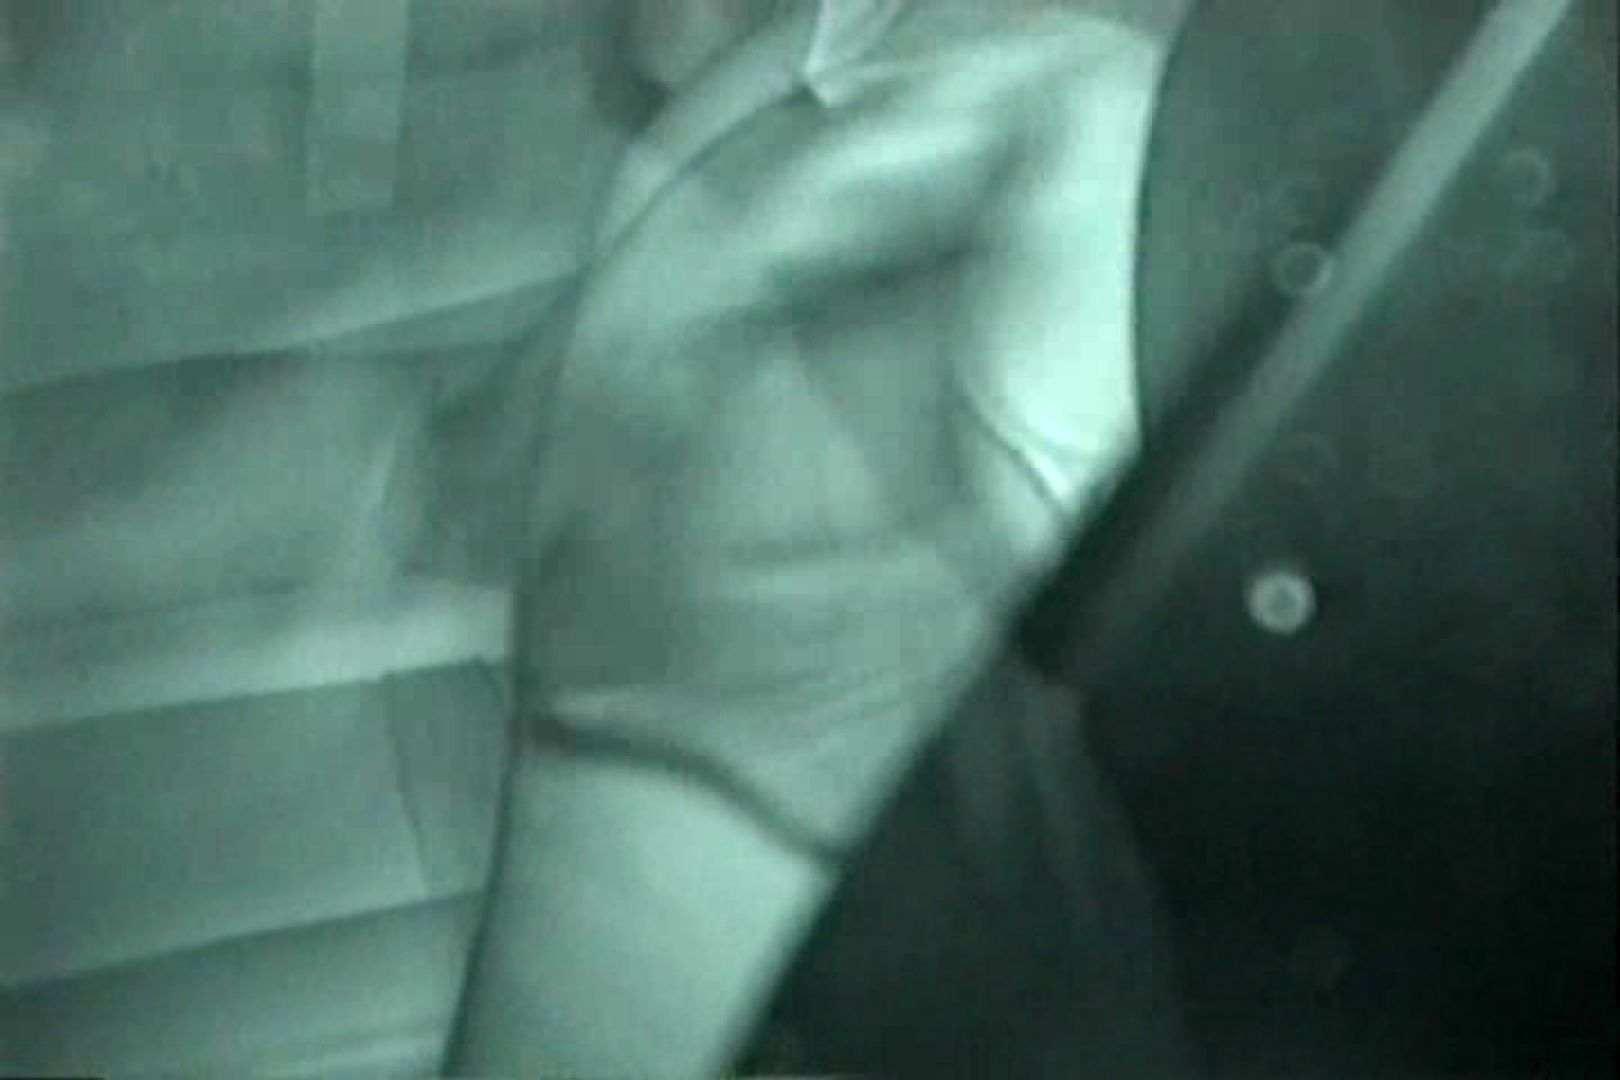 充血監督の深夜の運動会Vol.124 車でエッチ AV動画キャプチャ 52PIX 33